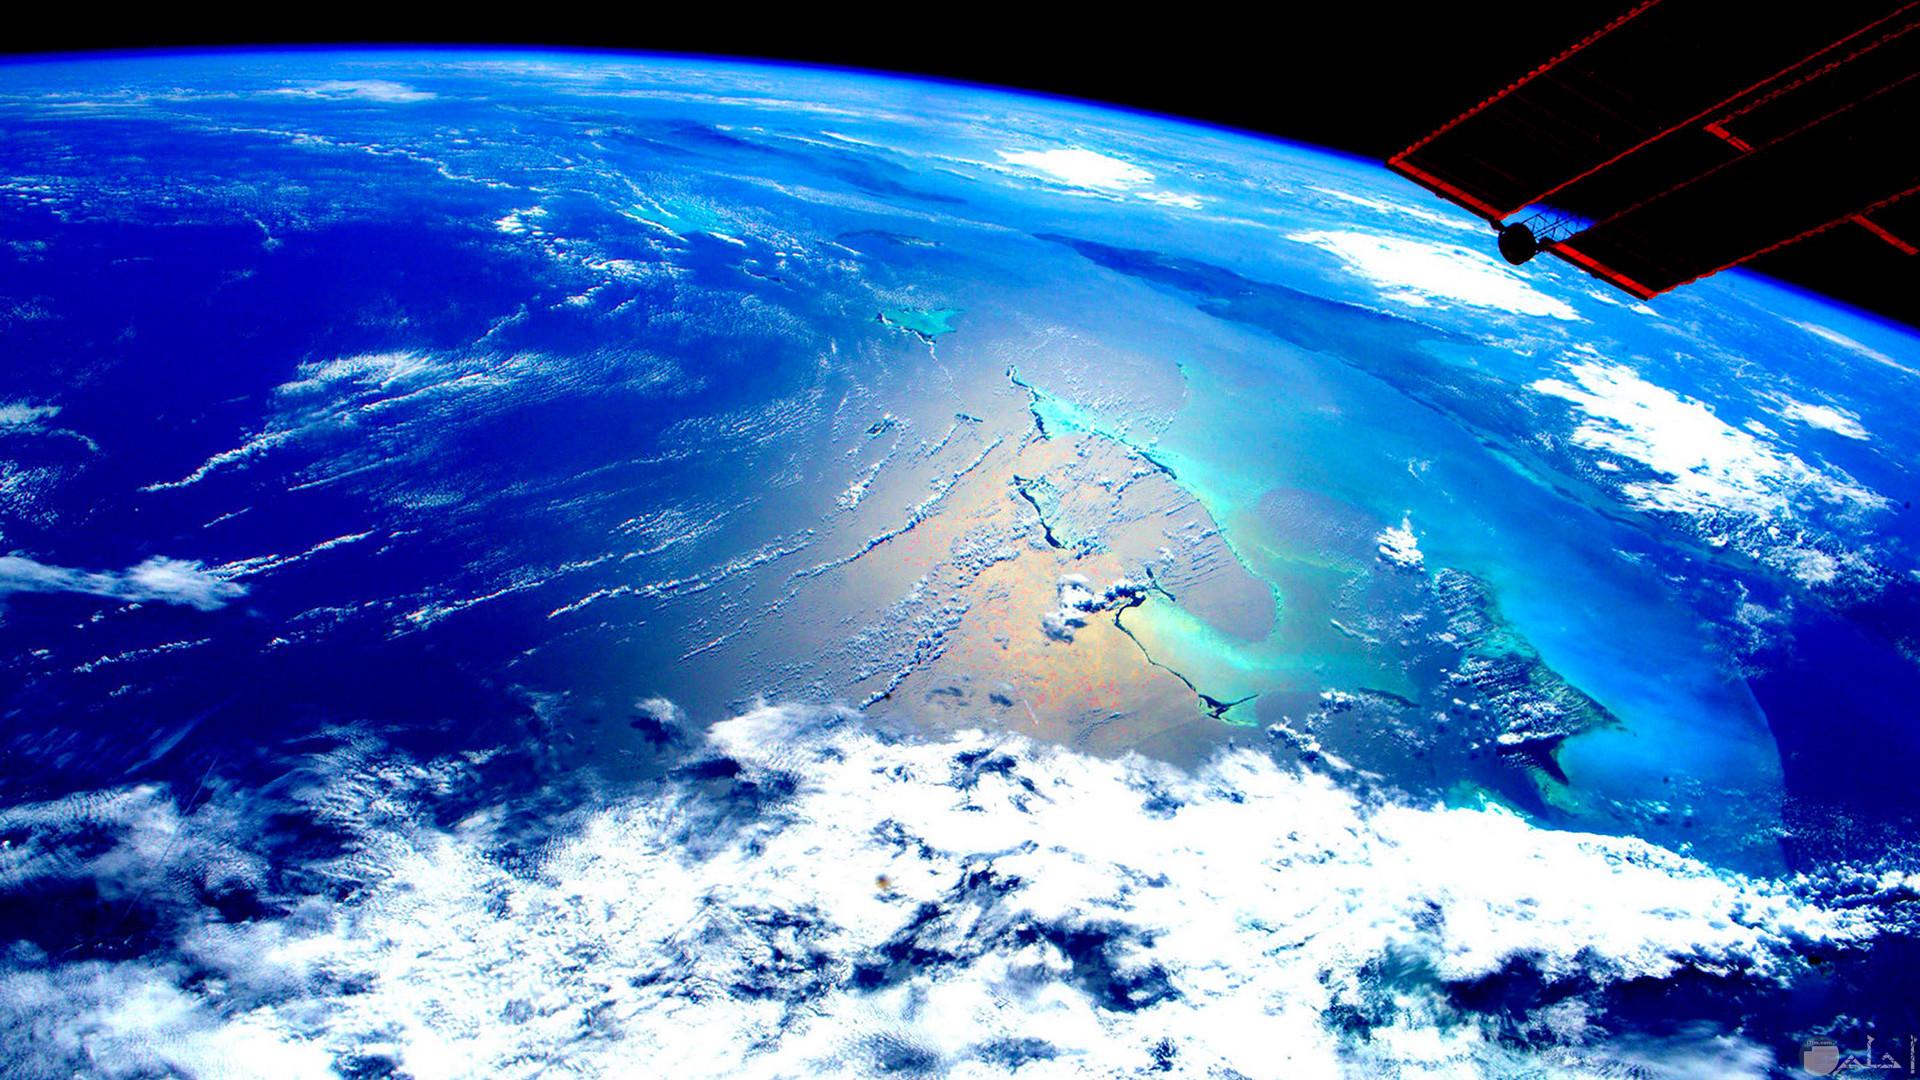 صورة توضح المعني الفعلي لكوكبنا الازرق الجميل من الفضاء